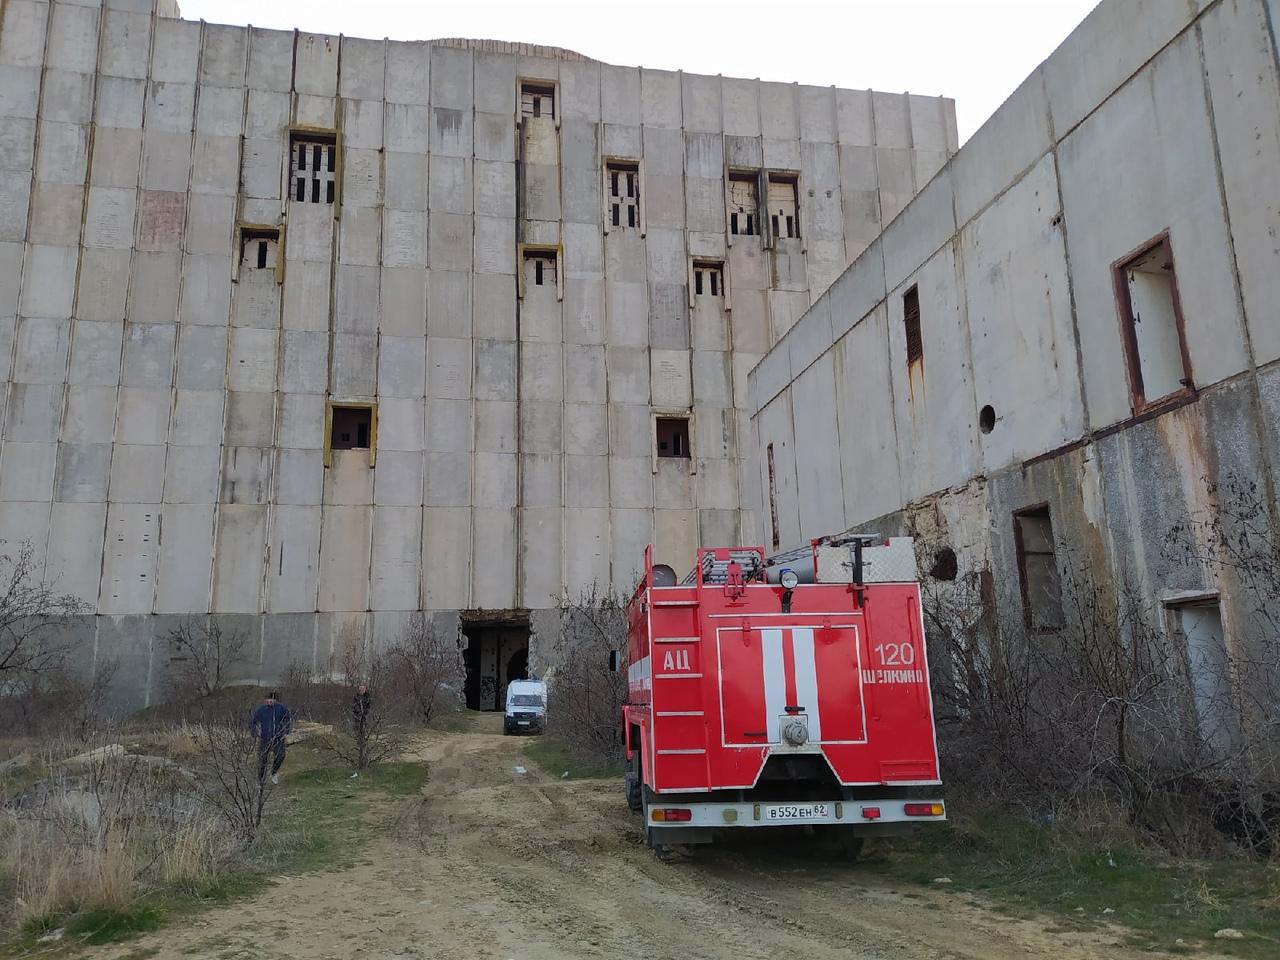 В реактор недостроенной Крымской АЭС упала девушка, она госпитализирована